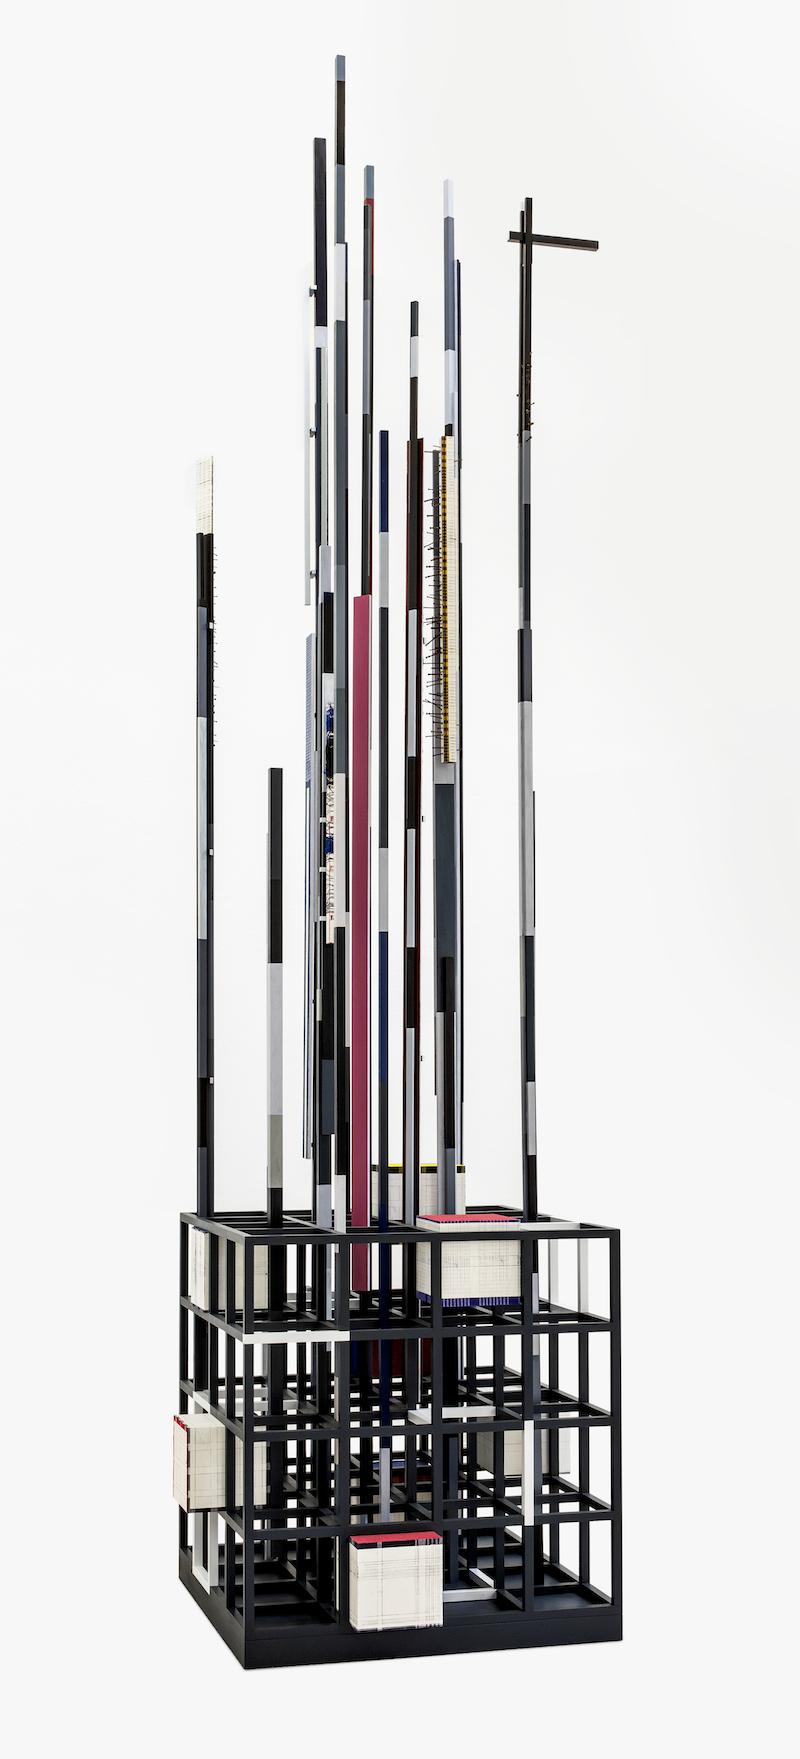 Remy Jungerman, 'PROMISE IV', 2018-2019. Katoen textiel, kaolien (pimba), garen, spijkers, teer, kralen, hout (tulpenhout en multiplex), 498 x 136 x 134 cm. Foto: Aatjan Renders. Met dank aan de kunstenaar en Galerie Ron Mandos.